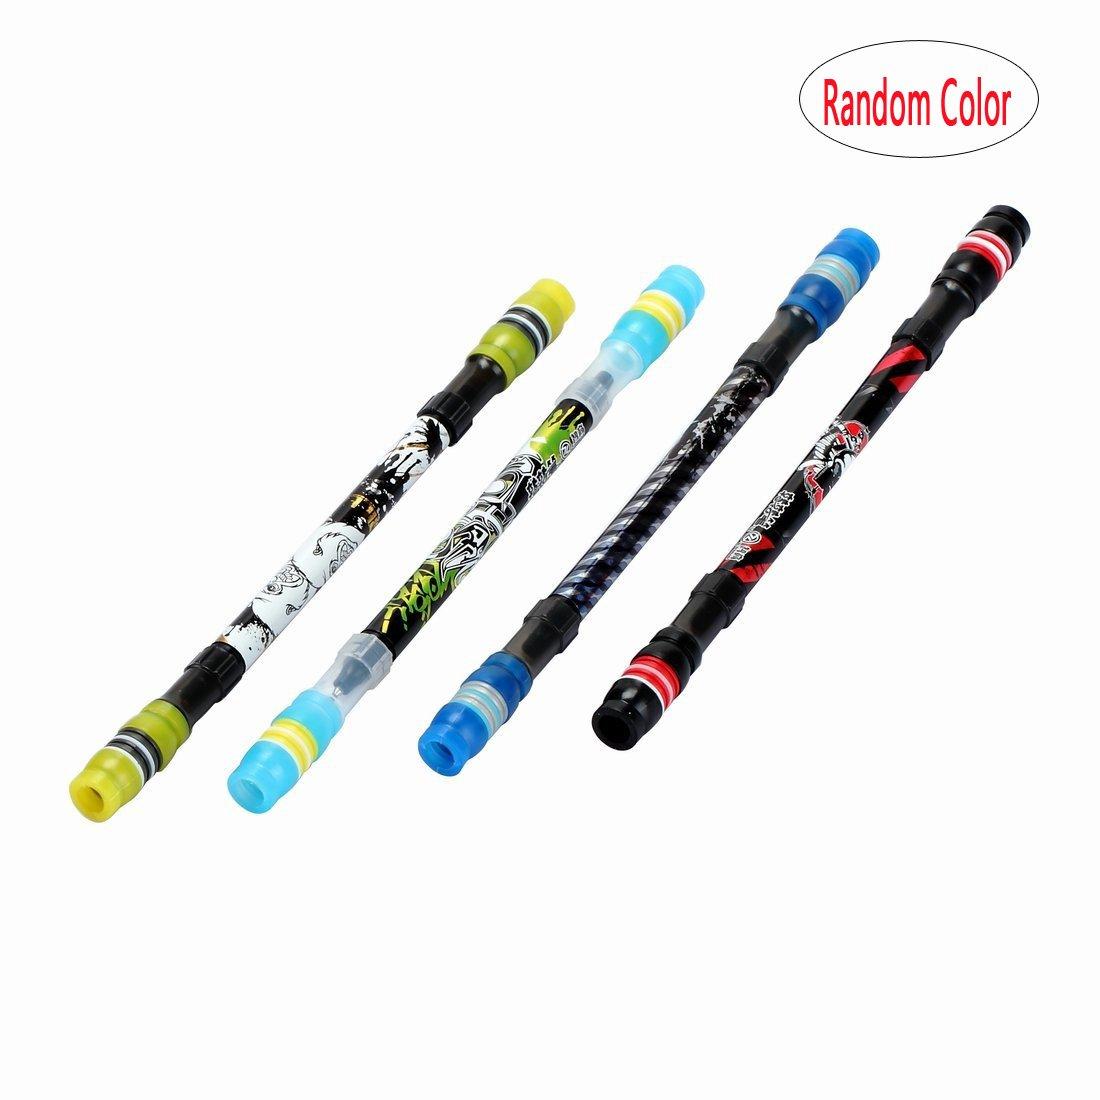 BinaryABC Magic Spinning Pen ZG-5028 V.7.0 20CM Extra Long Body(Random Color)